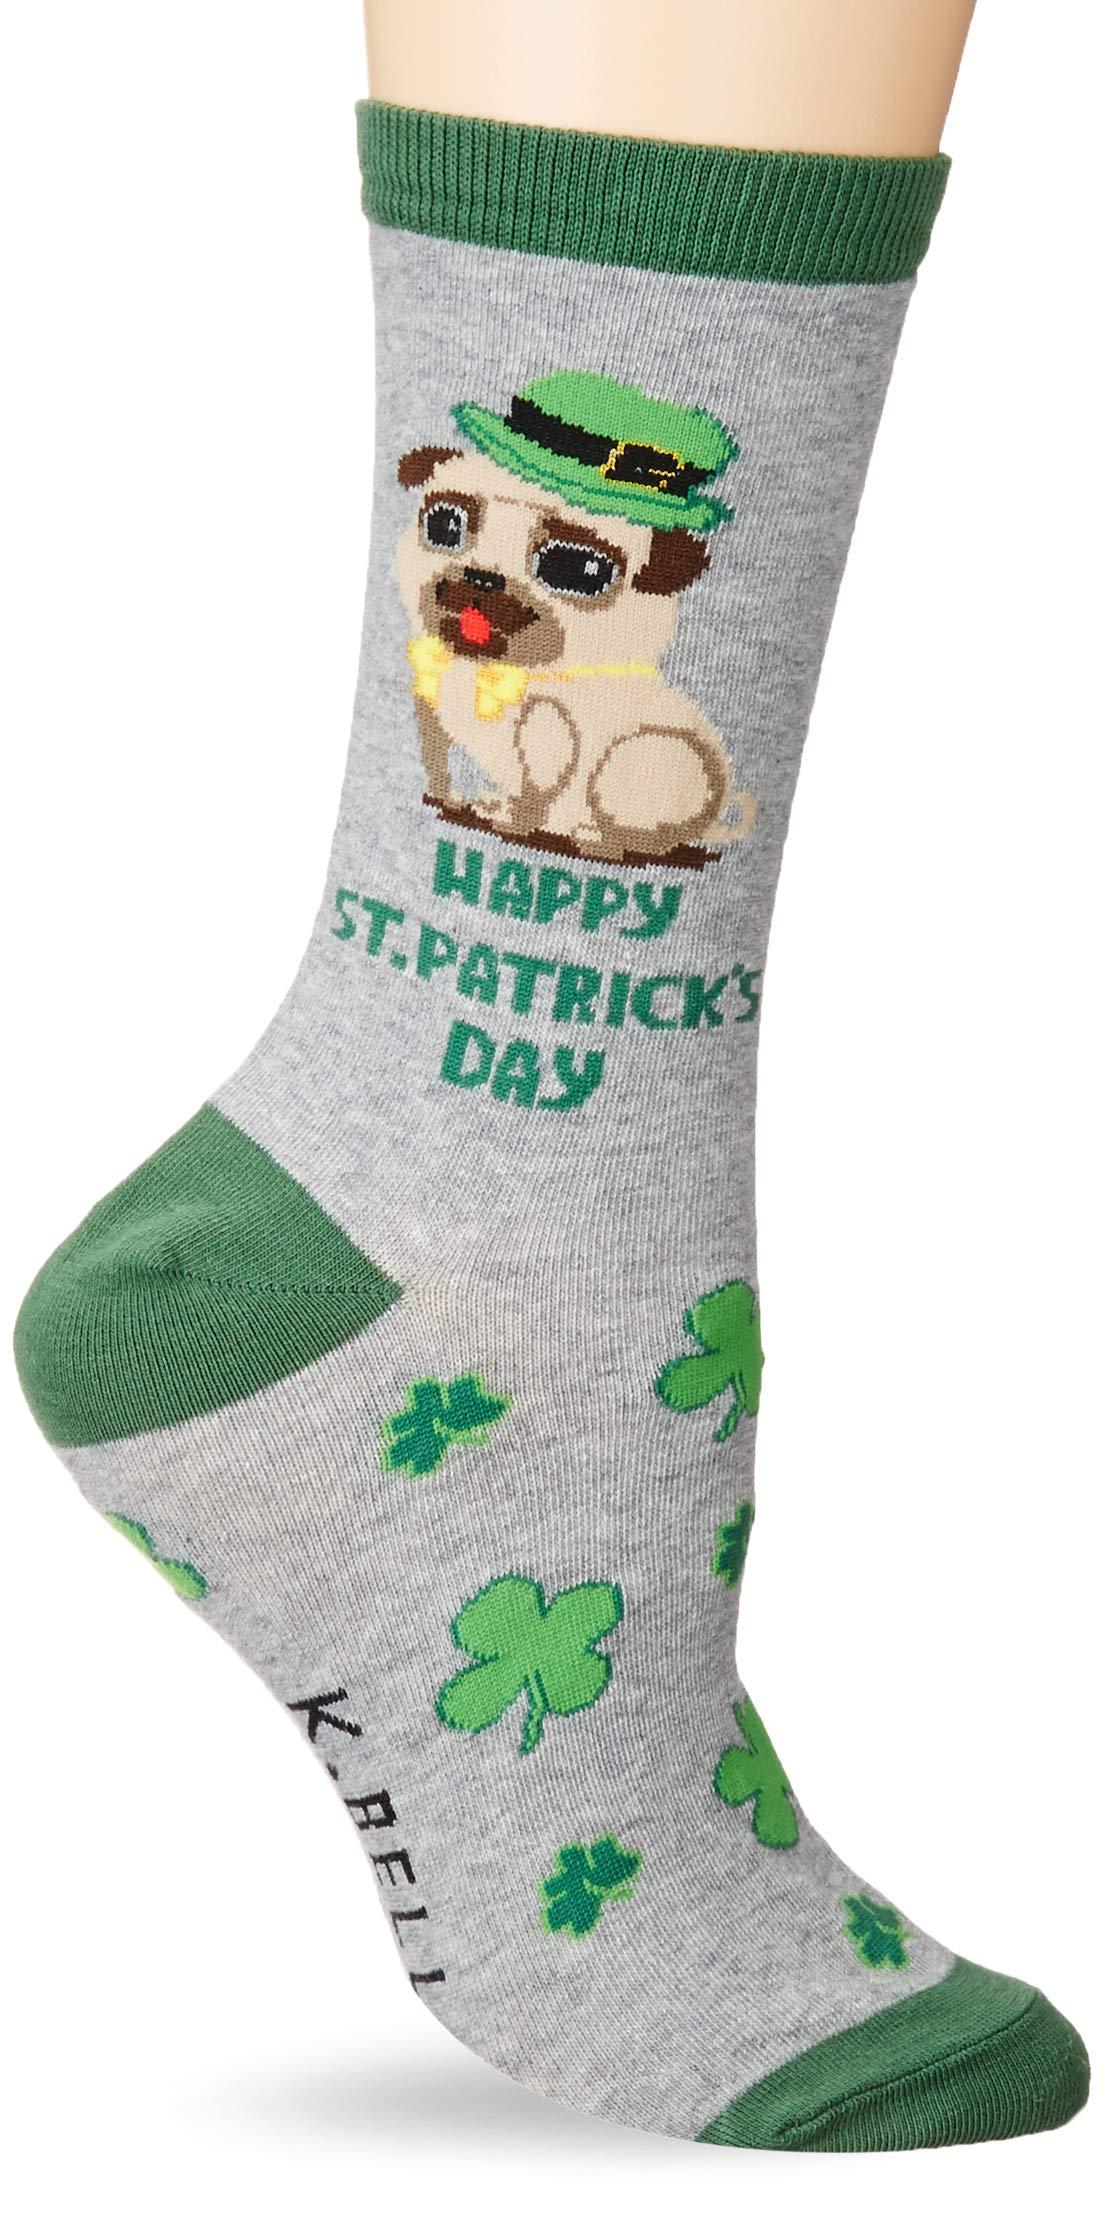 K. Bell Socks Women's Dog Lover Novelty Casual Crew Socks 2